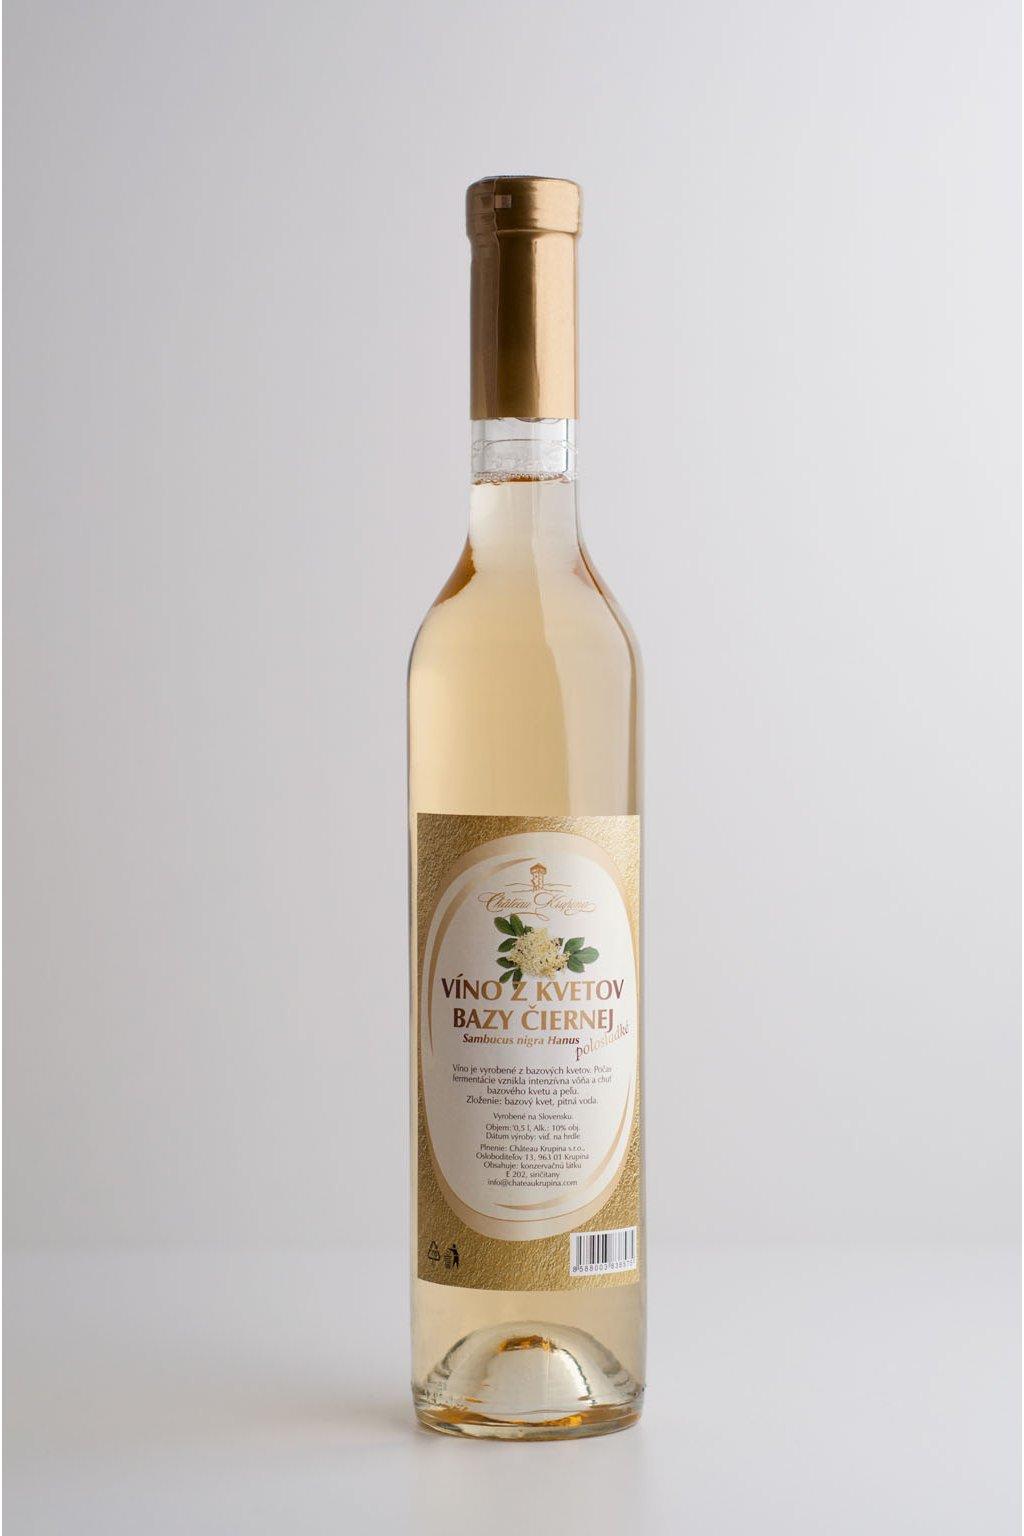 Víno z kvetov bazy čiernej - 0,5l